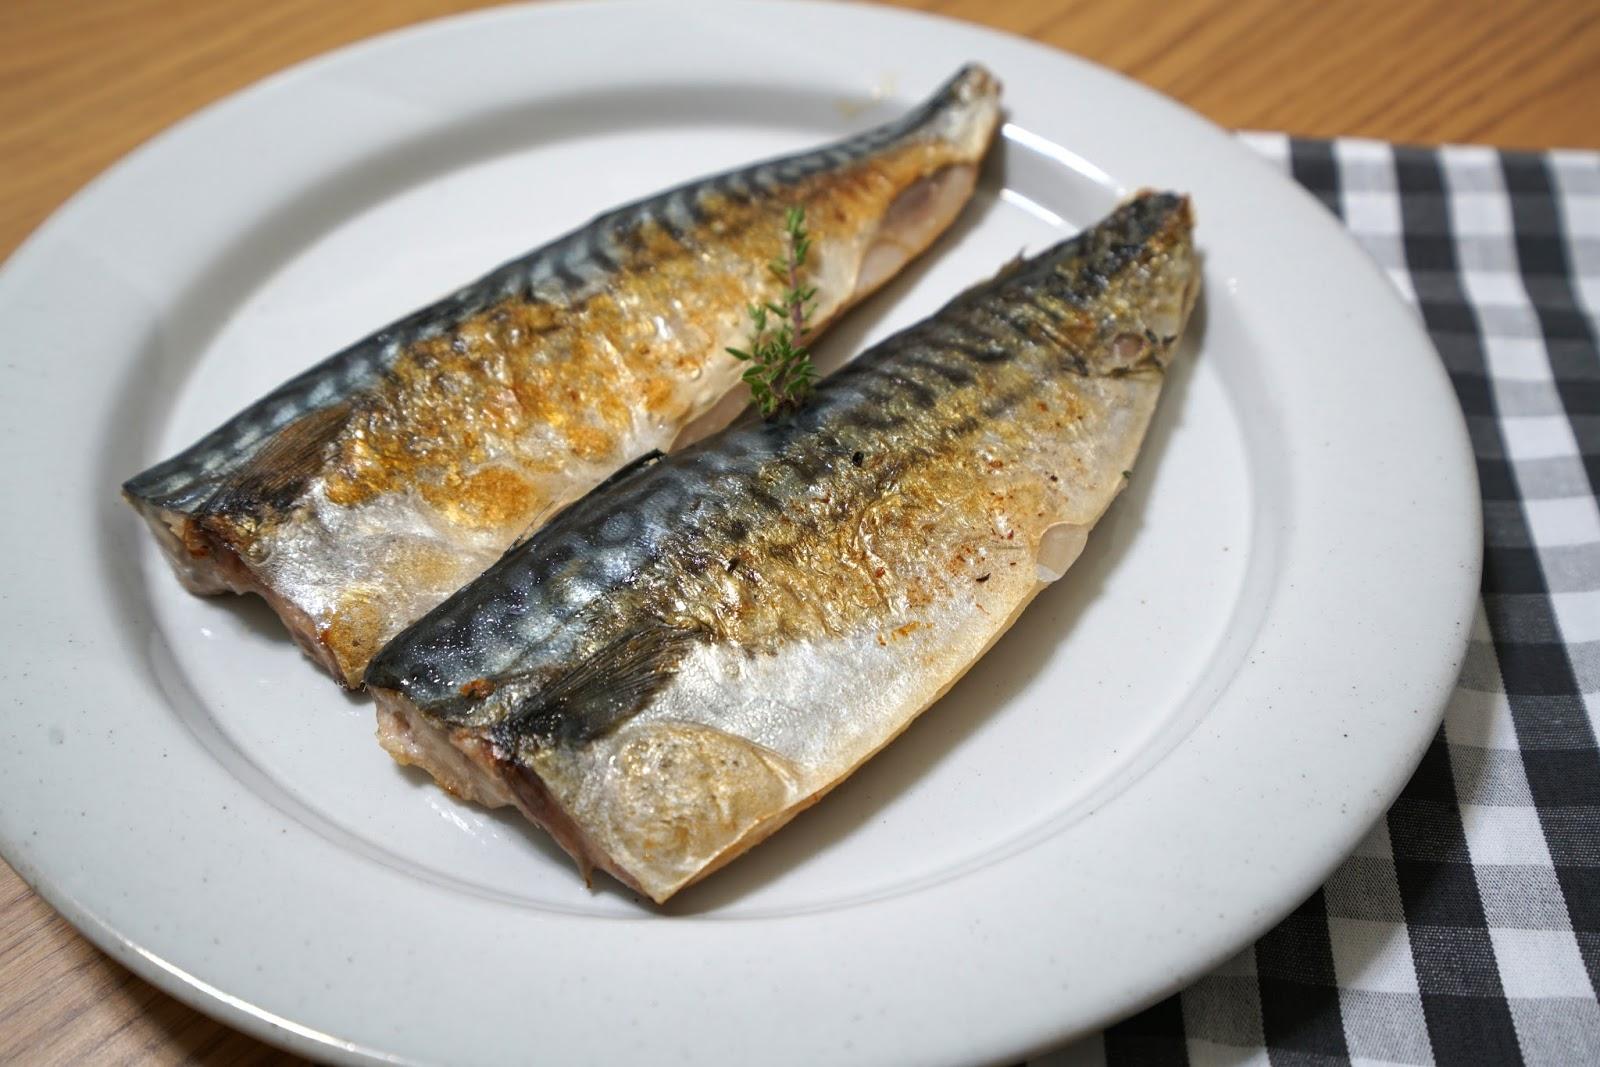 Скумбрия На Ужин Для Похудения. Скумбрия: в чем польза и особенности + 10 пп-блюд из скумбрии